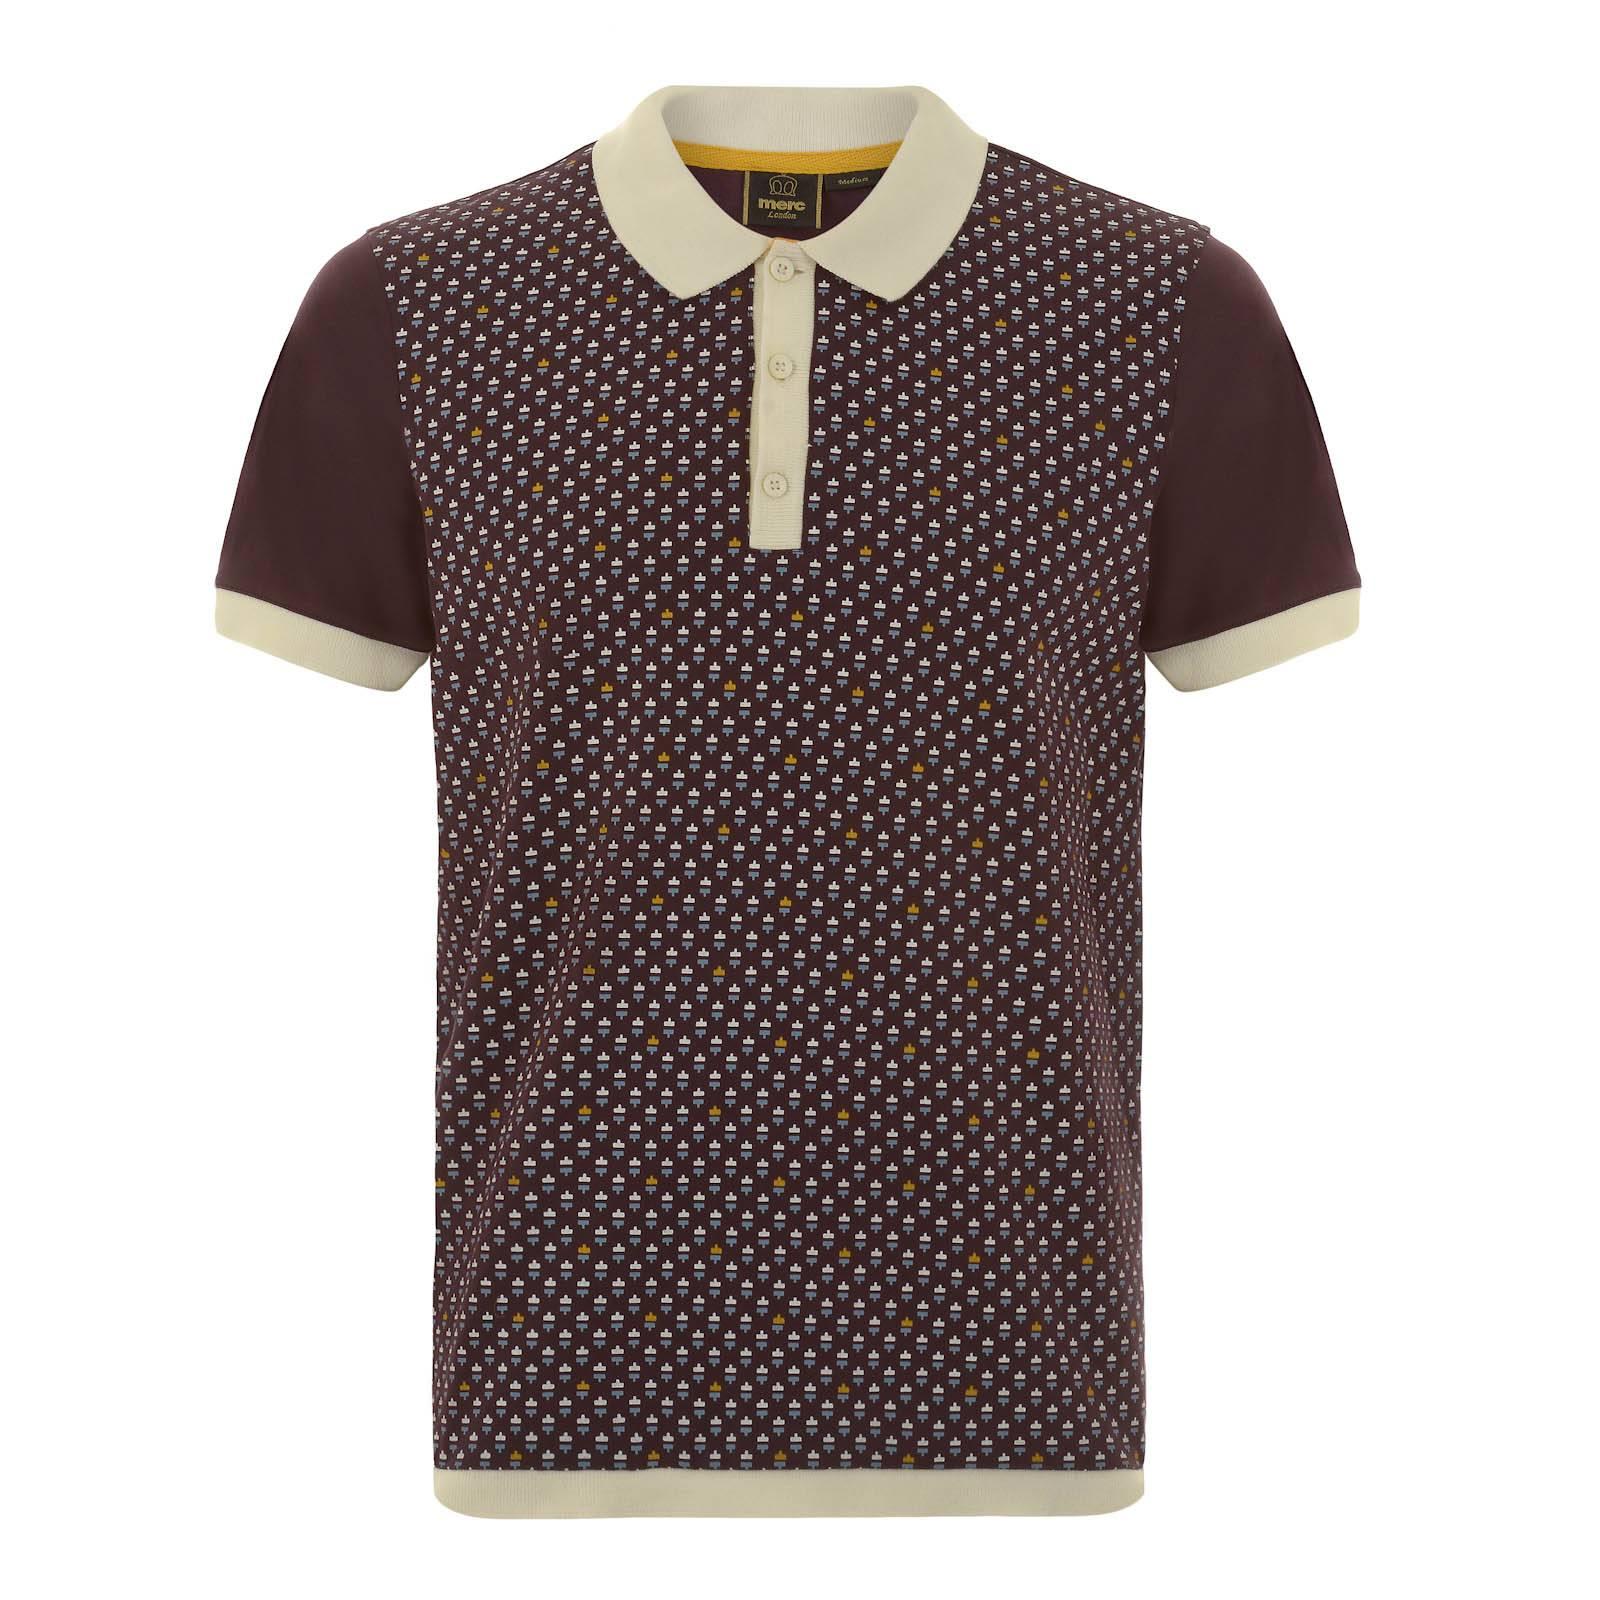 Рубашка Поло PanamaПоло<br>Мужское поло из легкой хлопчатобумажной ткани Джерси с необычным геометрическим принтом в ретро стиле. Контрастные манжеты, а также низ изделия выполнены эластичной трикотажной резинкой, благодаря которой достигается аккуратный приталенный фасон. Эту рубашку поло можно носить с джинсами, шортами или чиносами, лоферами, кедами или кроссовками, а её красивое цветовое решение подчеркнет жизнеутверждающий настрой гардероба сезона Весна-Лето.  Рекомендуется стирать в автоматическом режиме при температуре 30 градусов.<br><br>Артикул: 1915108<br>Материал: 100% хлопок<br>Цвет: ивово-коричневый<br>Пол: Мужской